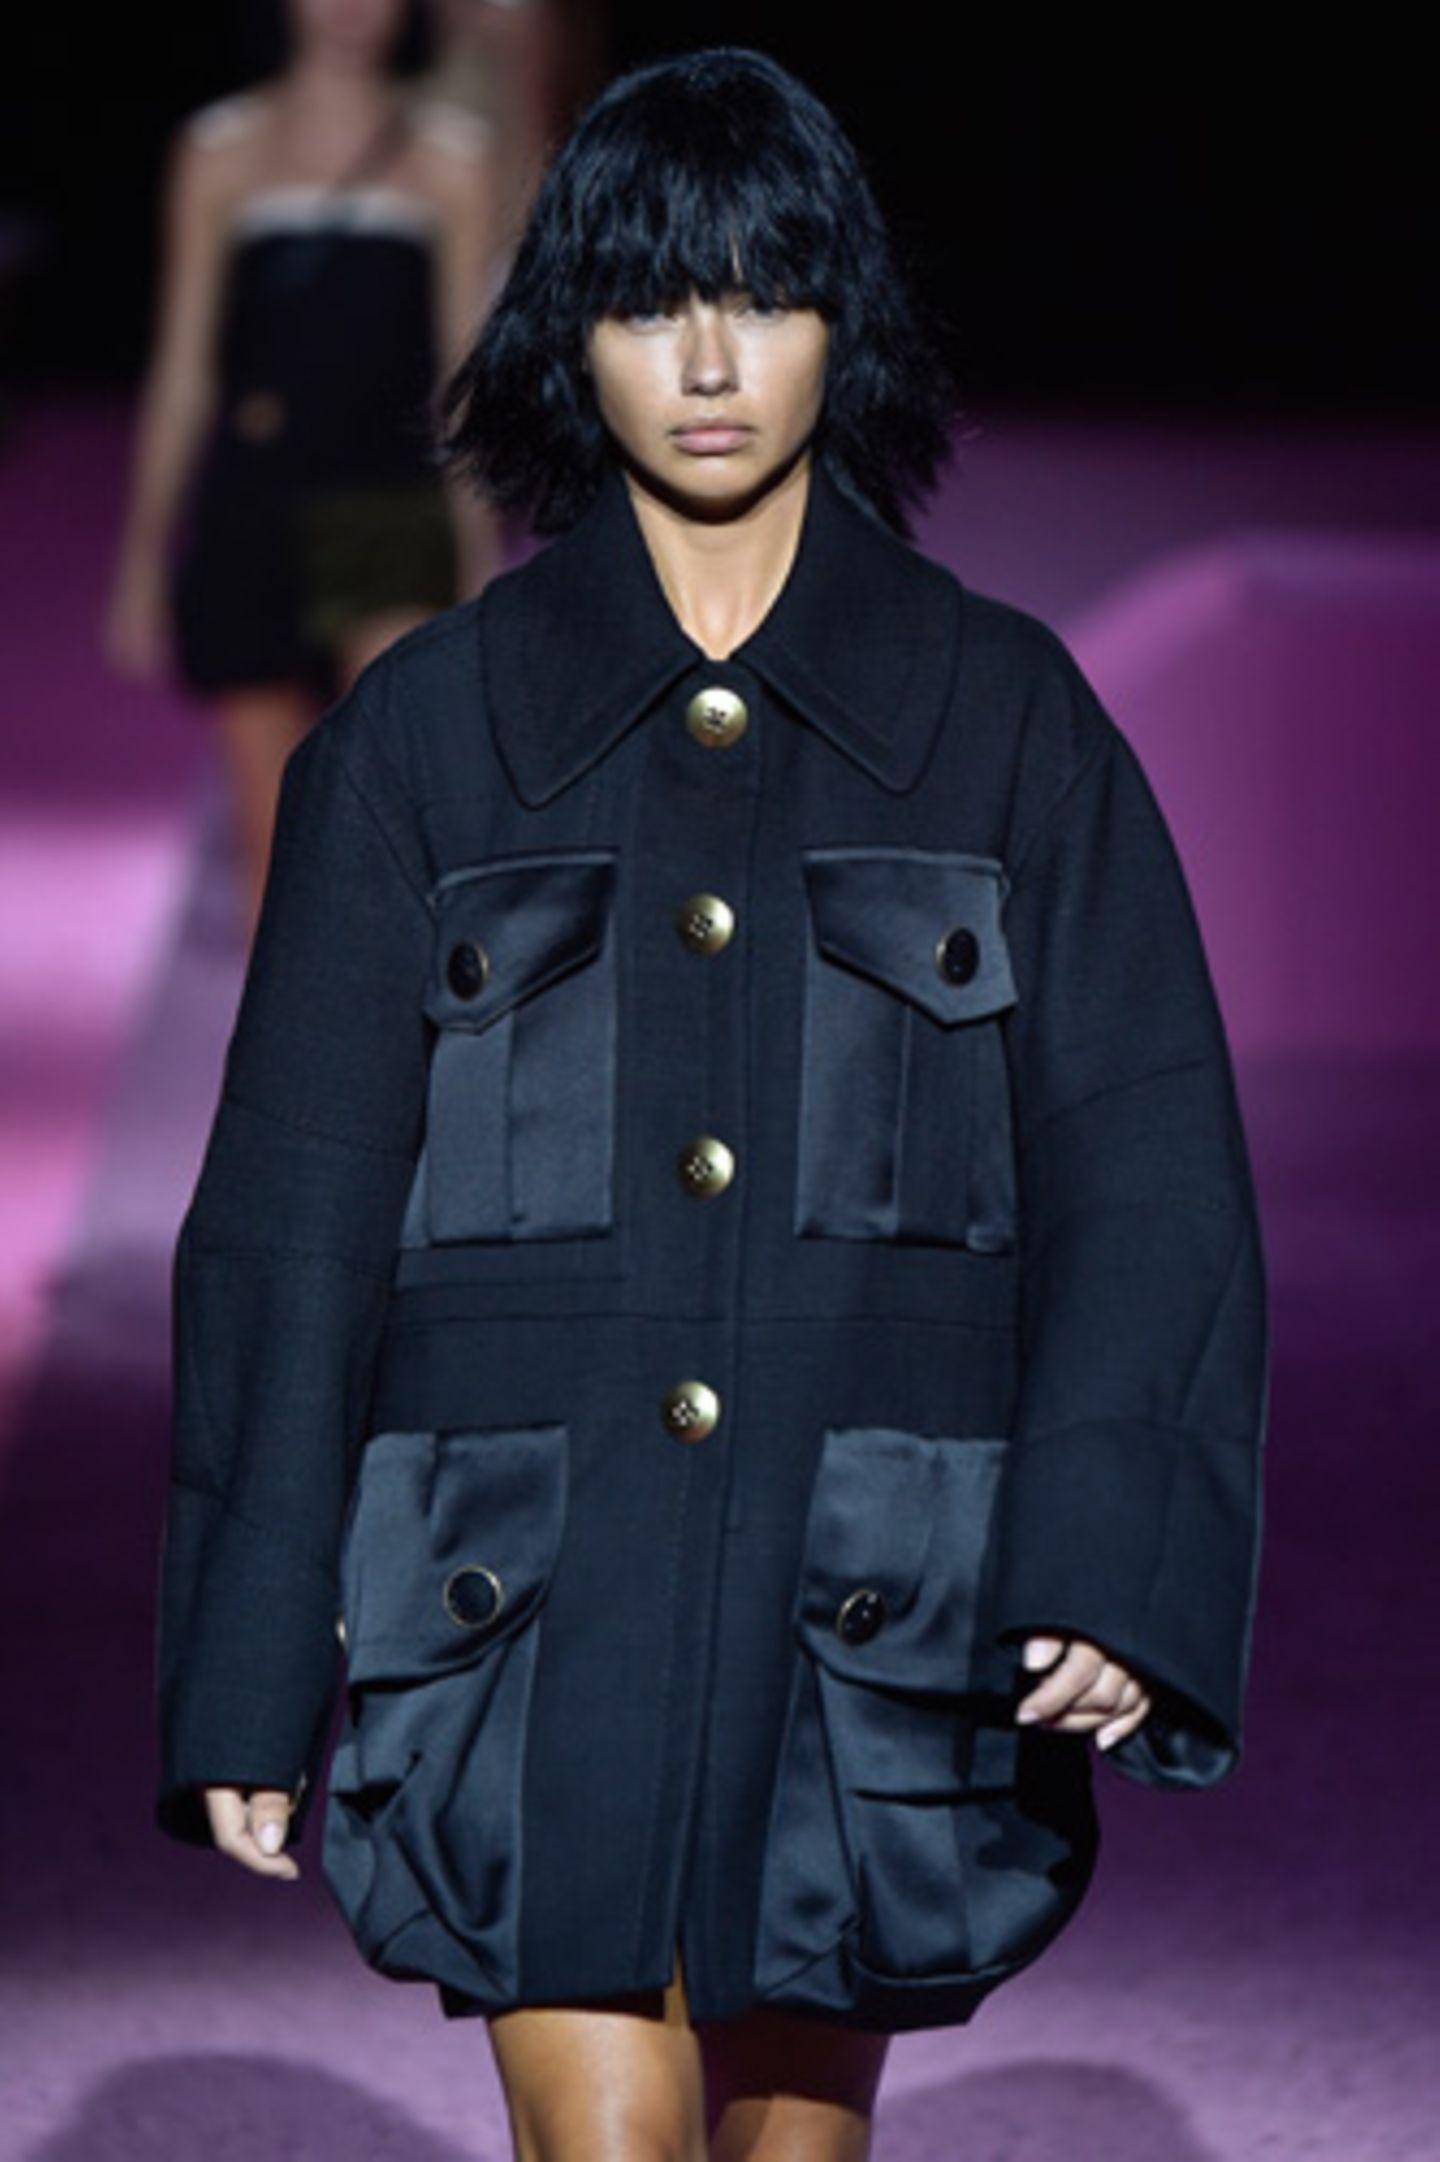 """Eine kleine Sensation in der Mode-und Beautywelt: Designer Marc Jacobs schickt seine Models absolut ungeschminkt auf den Runway. Und springt damit auf den aktuellen No-Make-up-Trend auf: Die sozialen Netzwerke sind voll von ungeschminkten Promis, """"#nomakeupselfie"""" ist zum Trend-Hashtag avanciert, denn ungeschminkt sein ist einfach cool."""